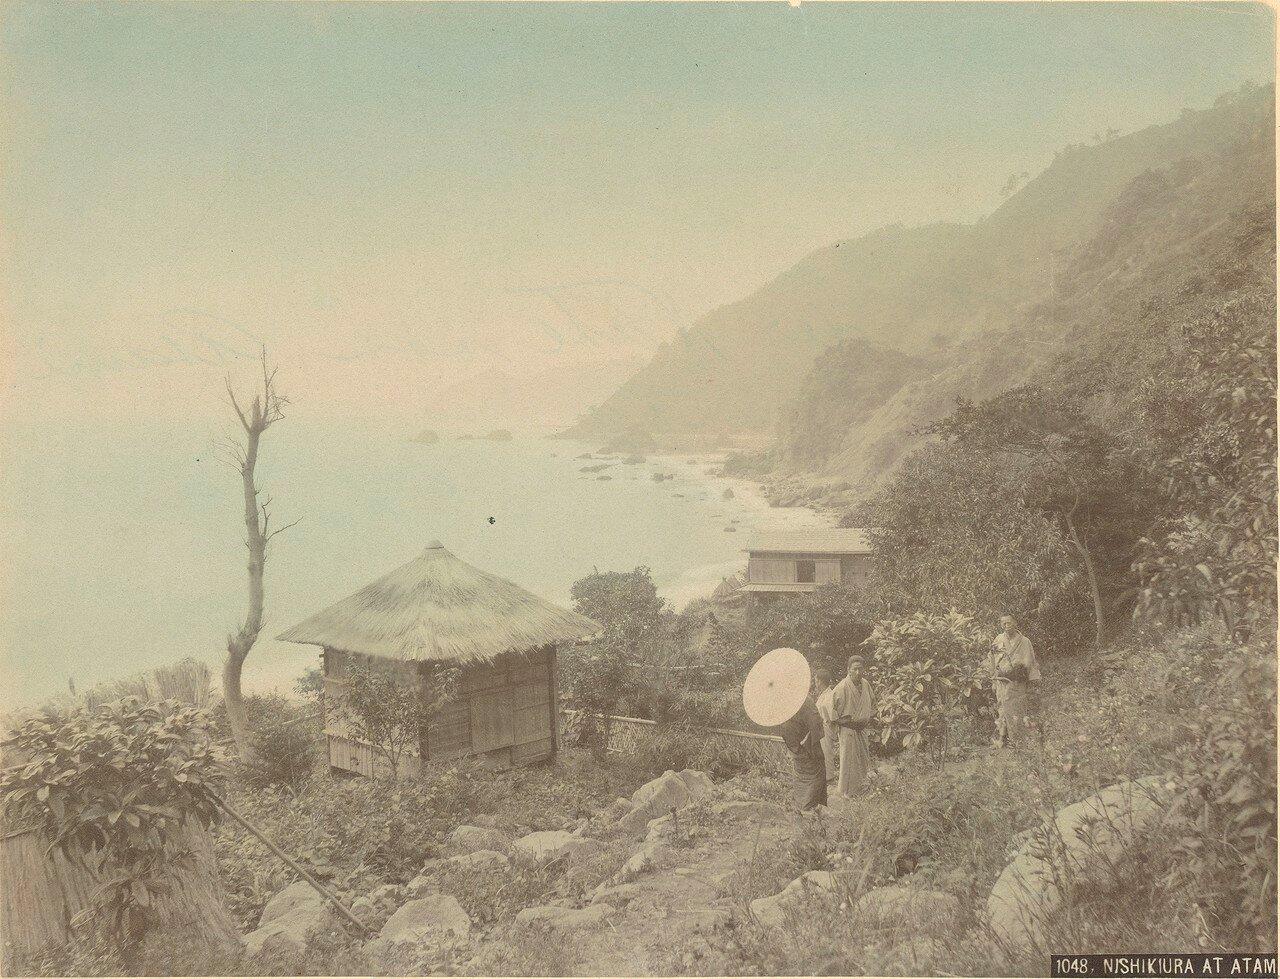 Нишикиура в Атами